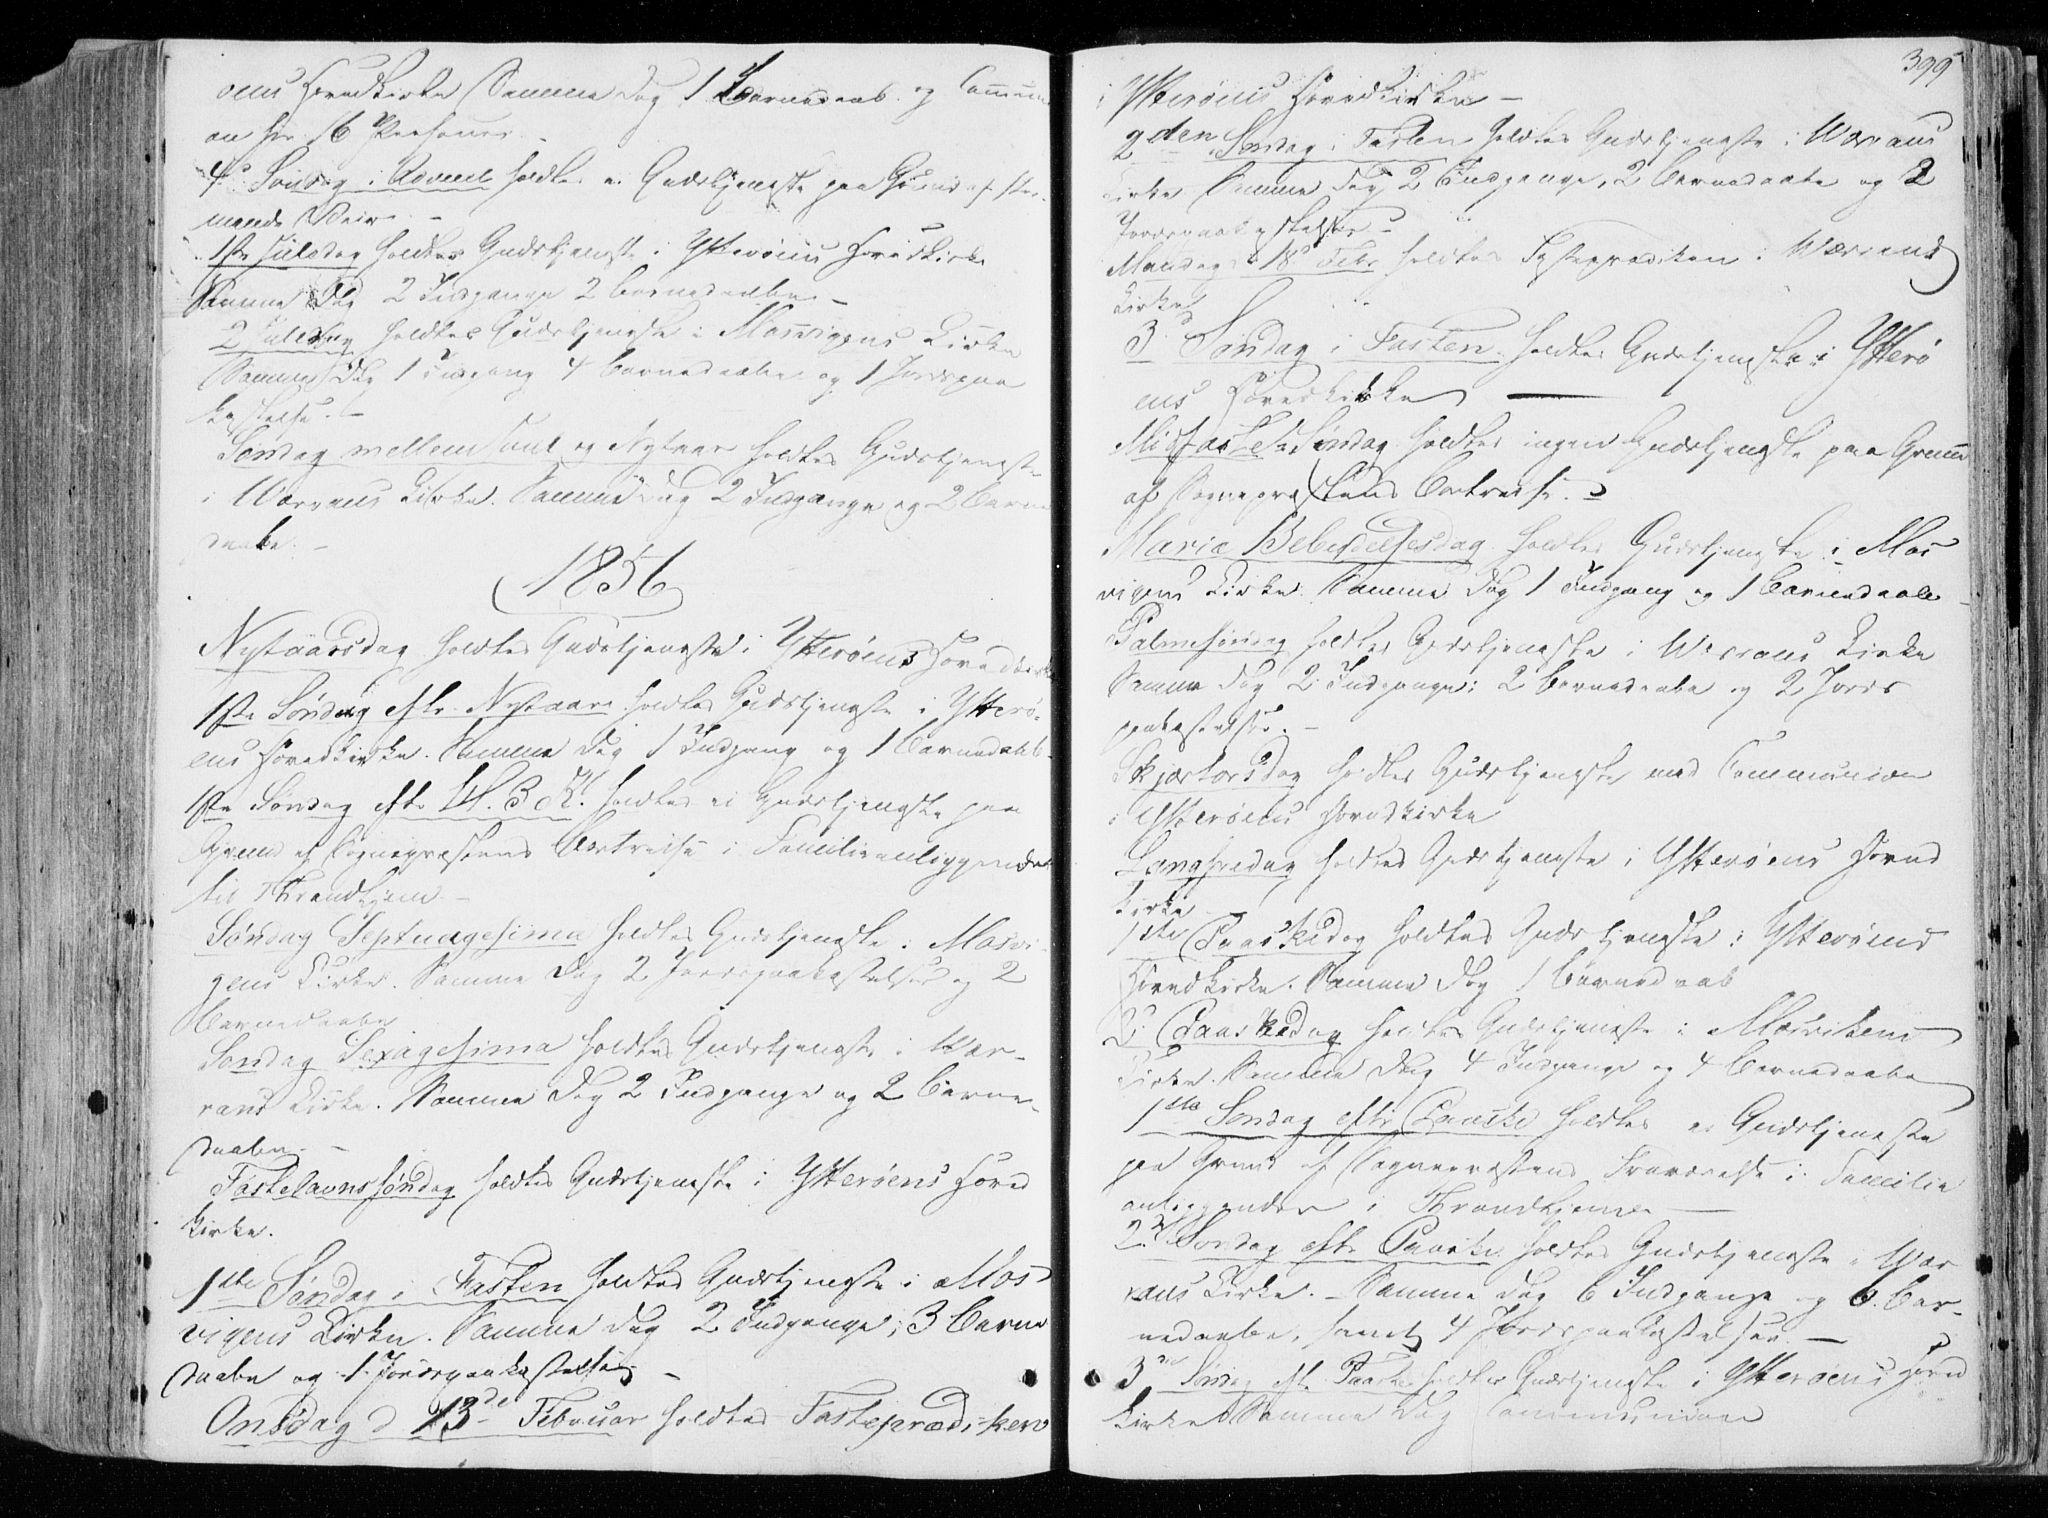 SAT, Ministerialprotokoller, klokkerbøker og fødselsregistre - Nord-Trøndelag, 722/L0218: Ministerialbok nr. 722A05, 1843-1868, s. 399